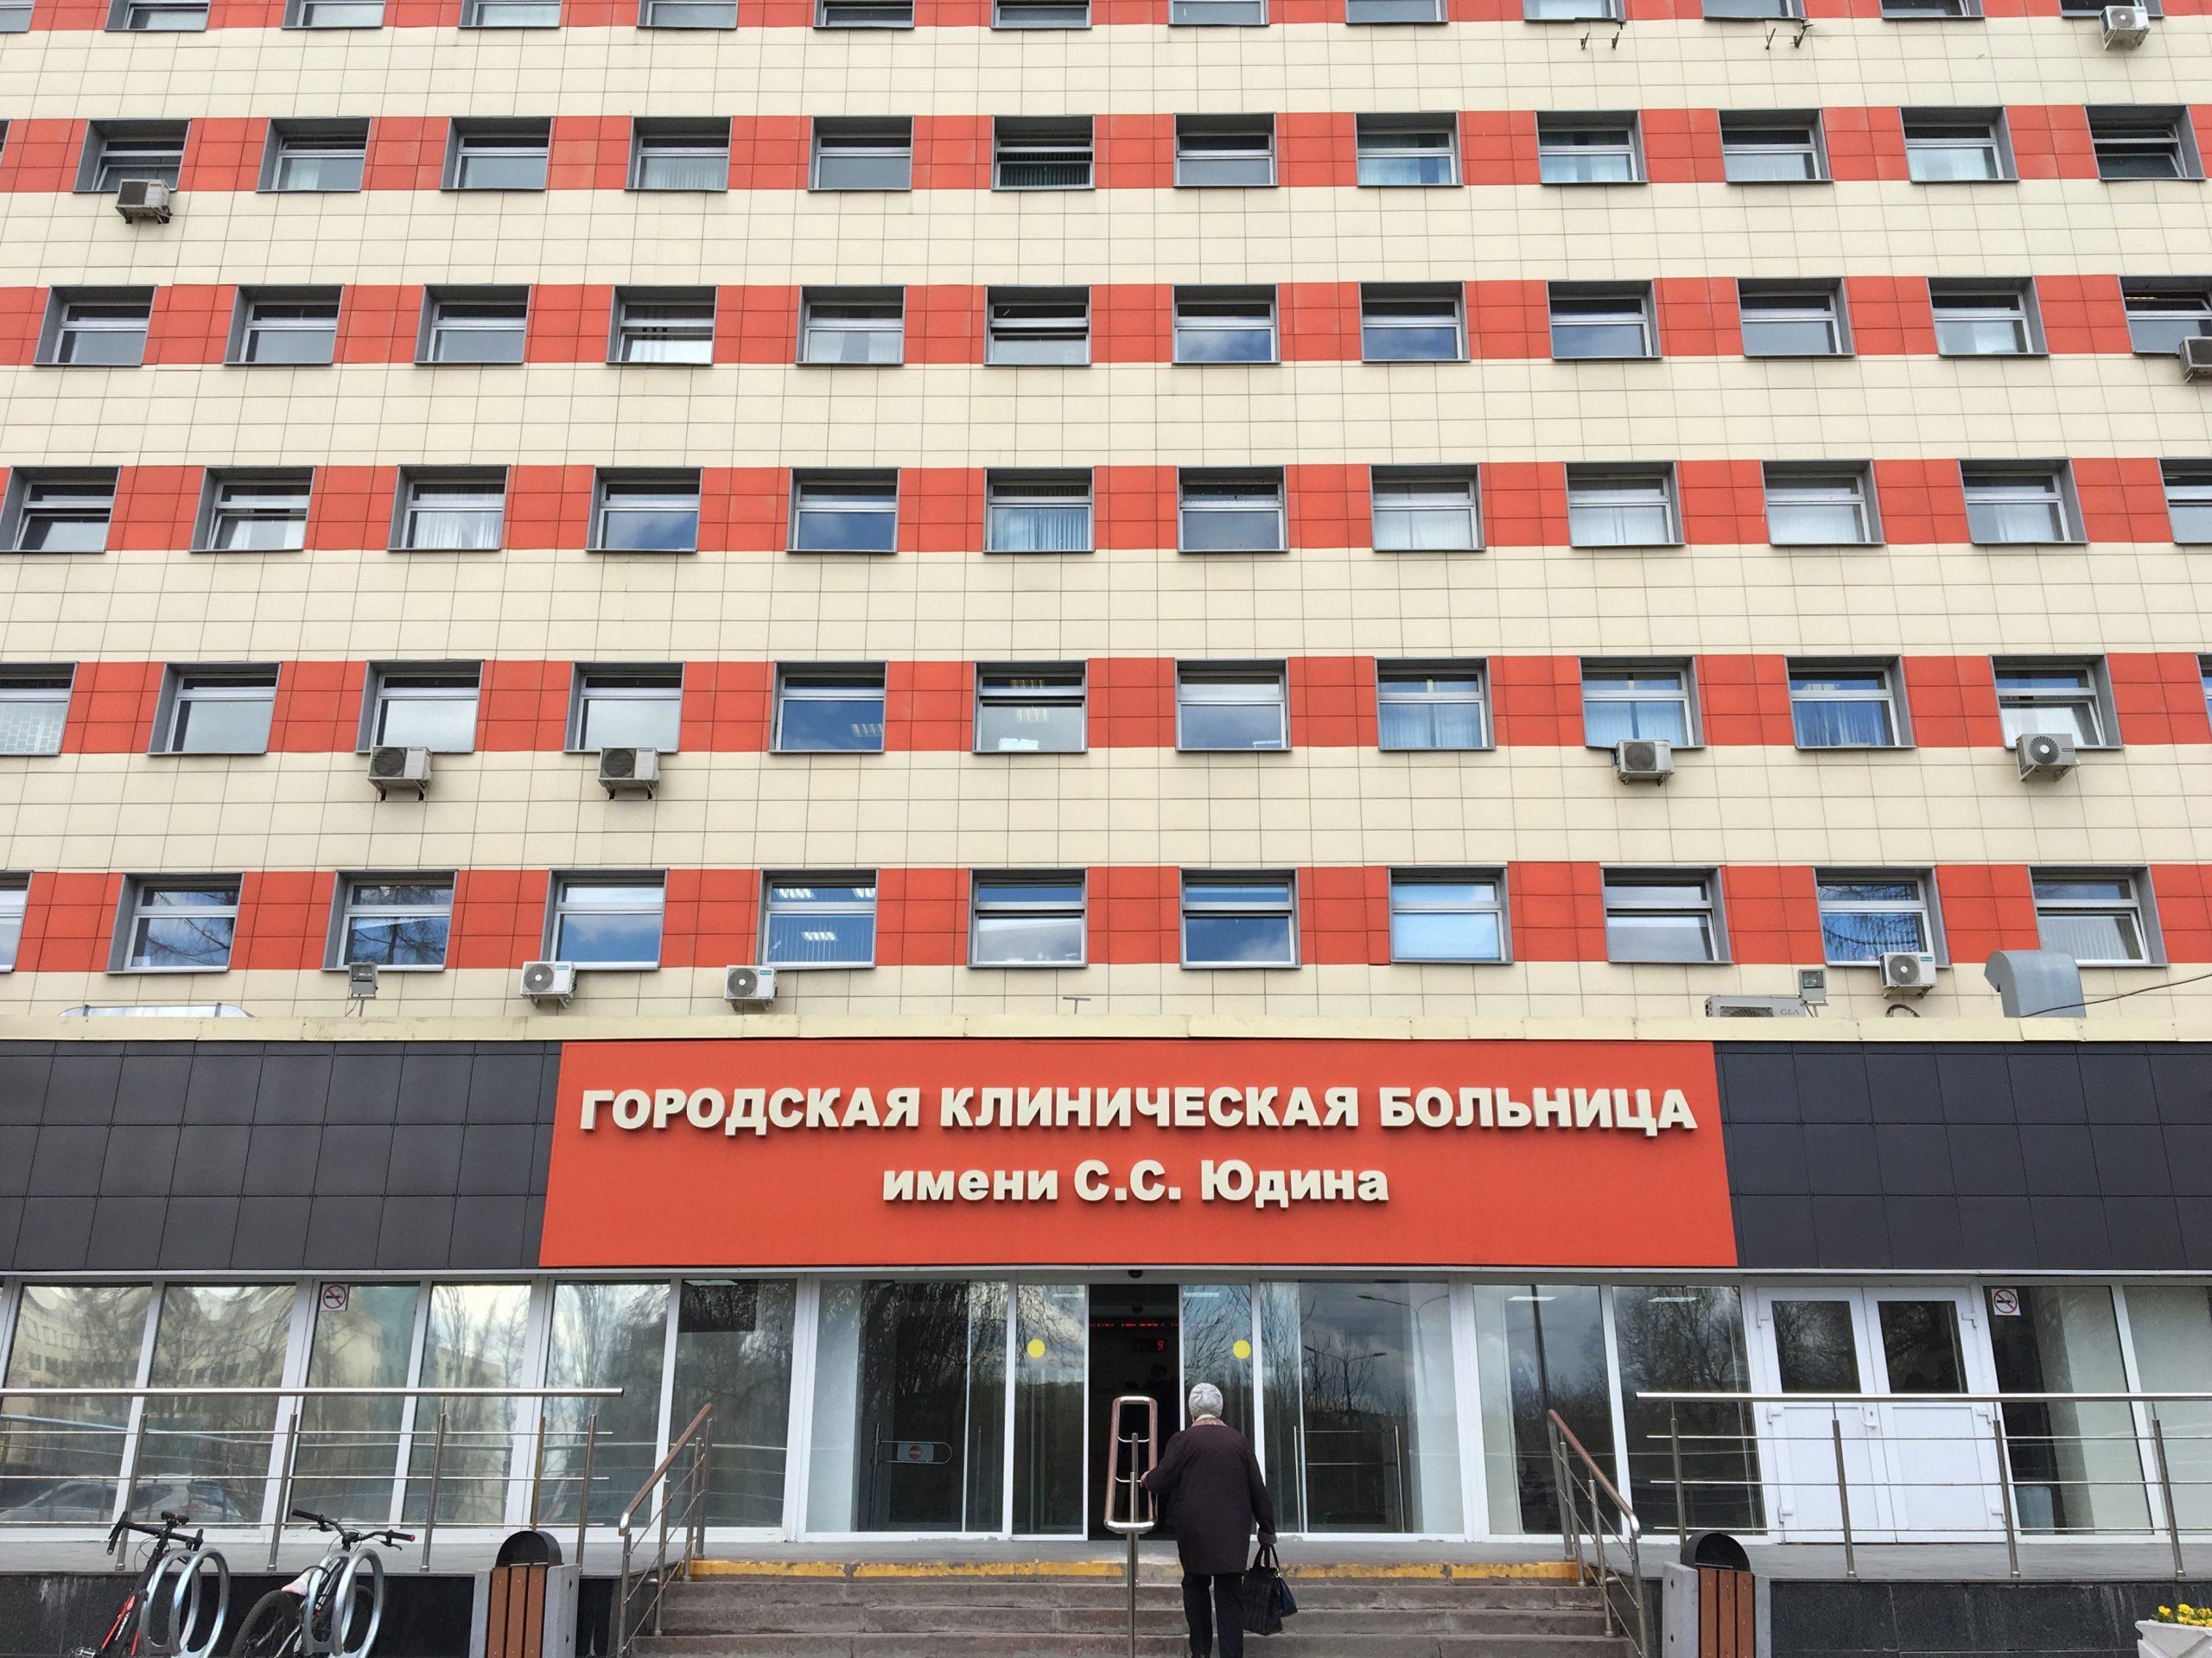 Кардиореанимационное отделение больницы имени Юдина открыли после ремонта